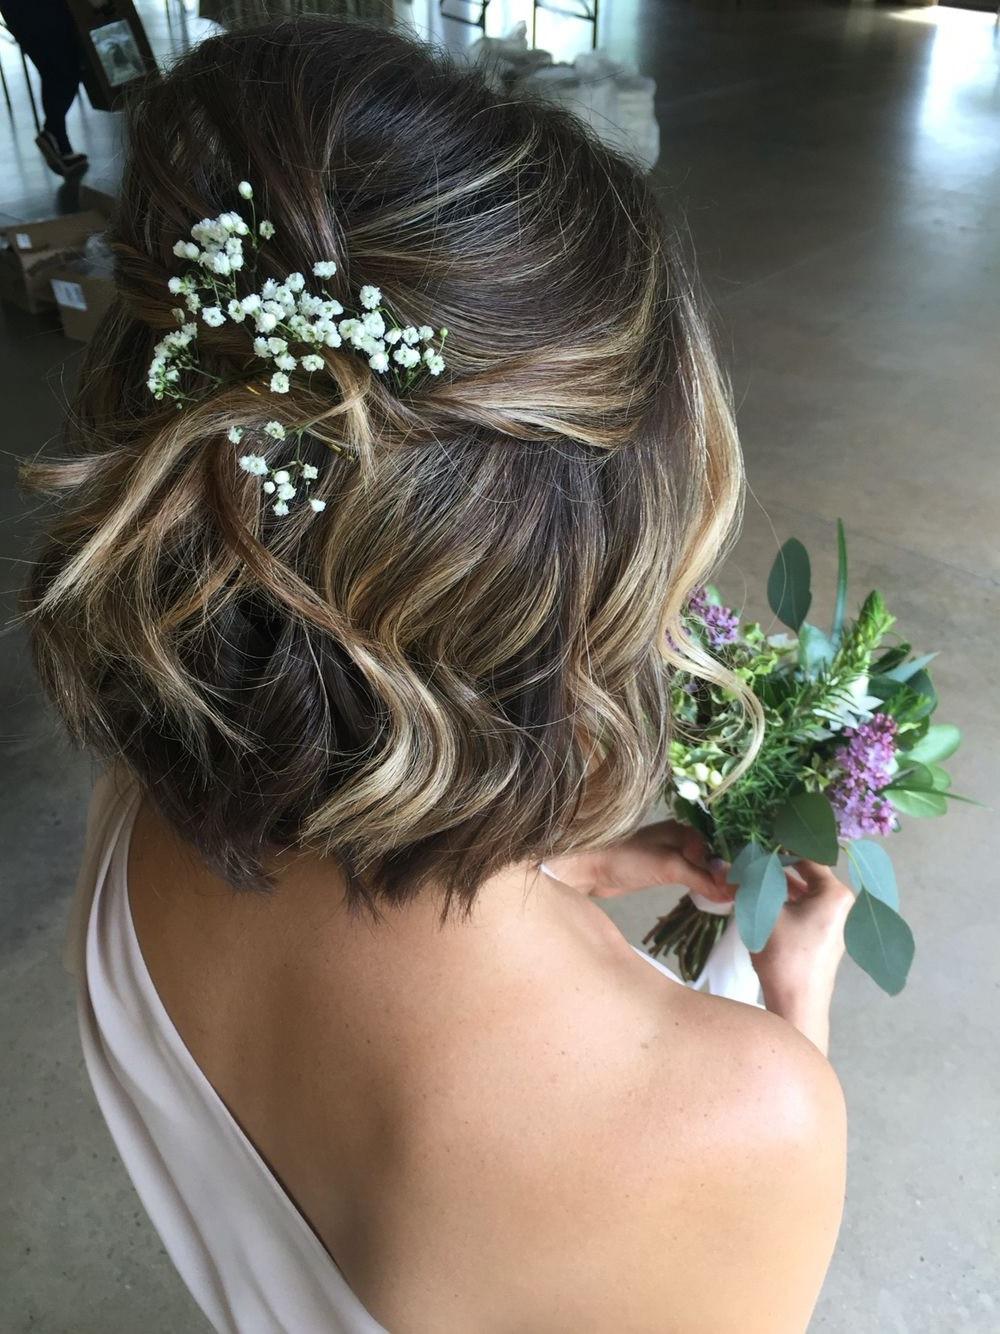 Short Bridesmaid Hairstyles  Bridesmaid Hairstyles for Short Hair